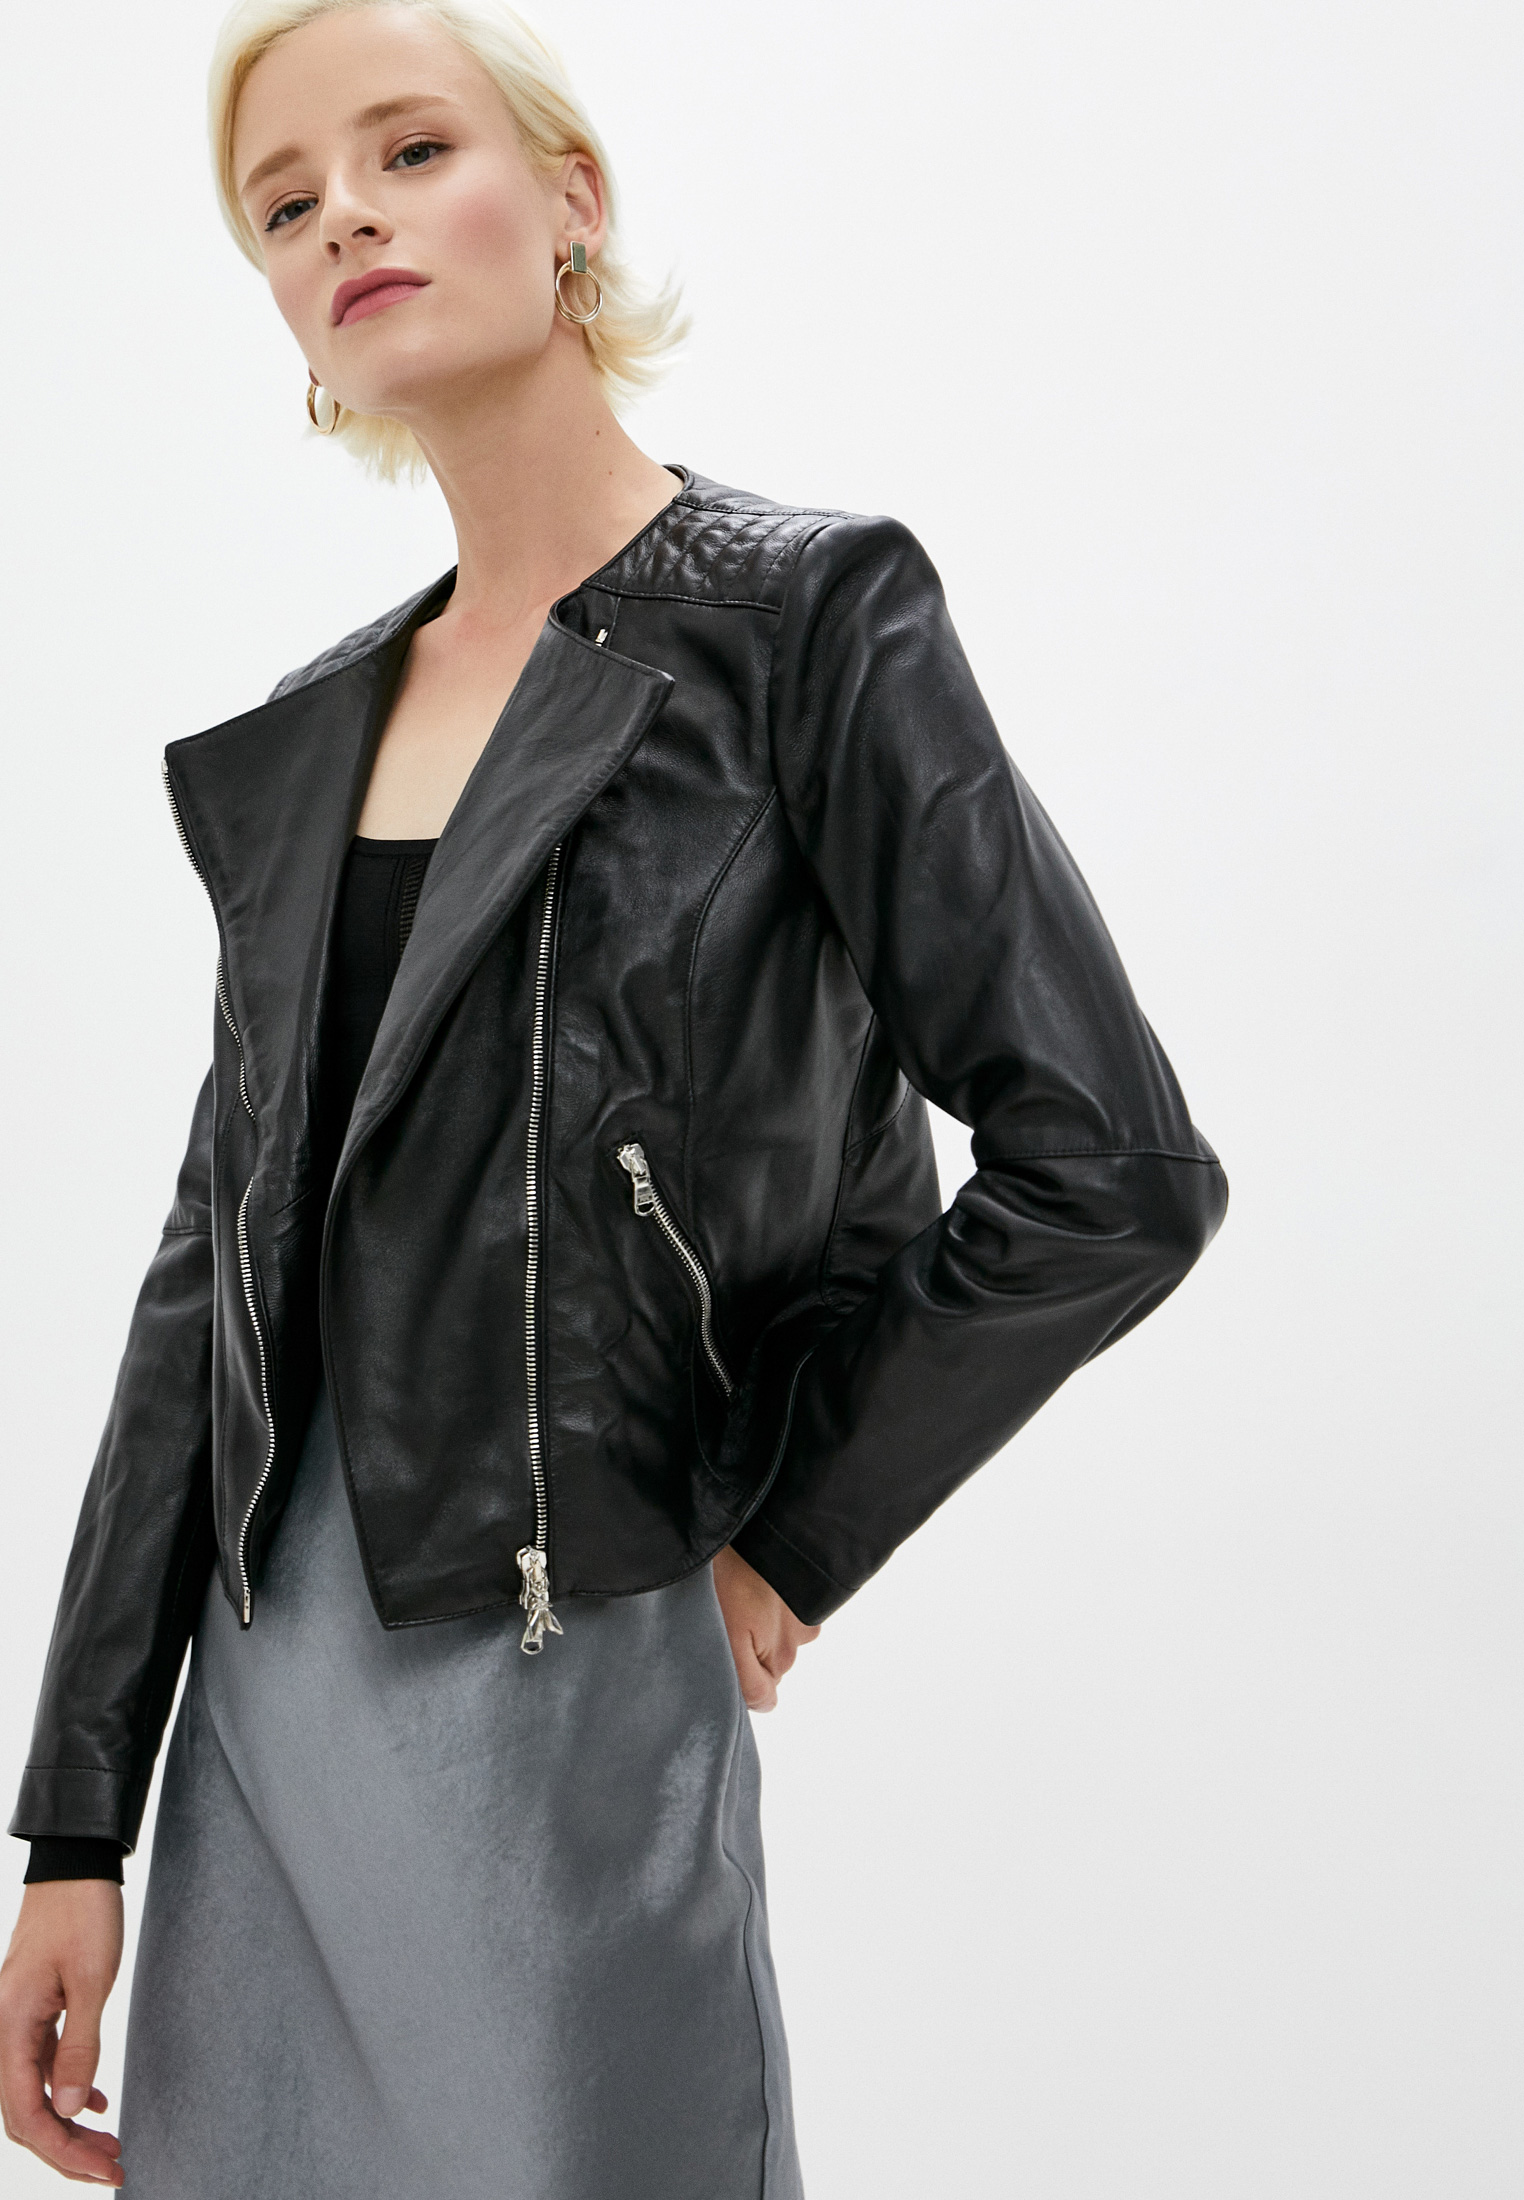 Кожаная куртка Patrizia Pepe (Патриция Пепе) CL0361